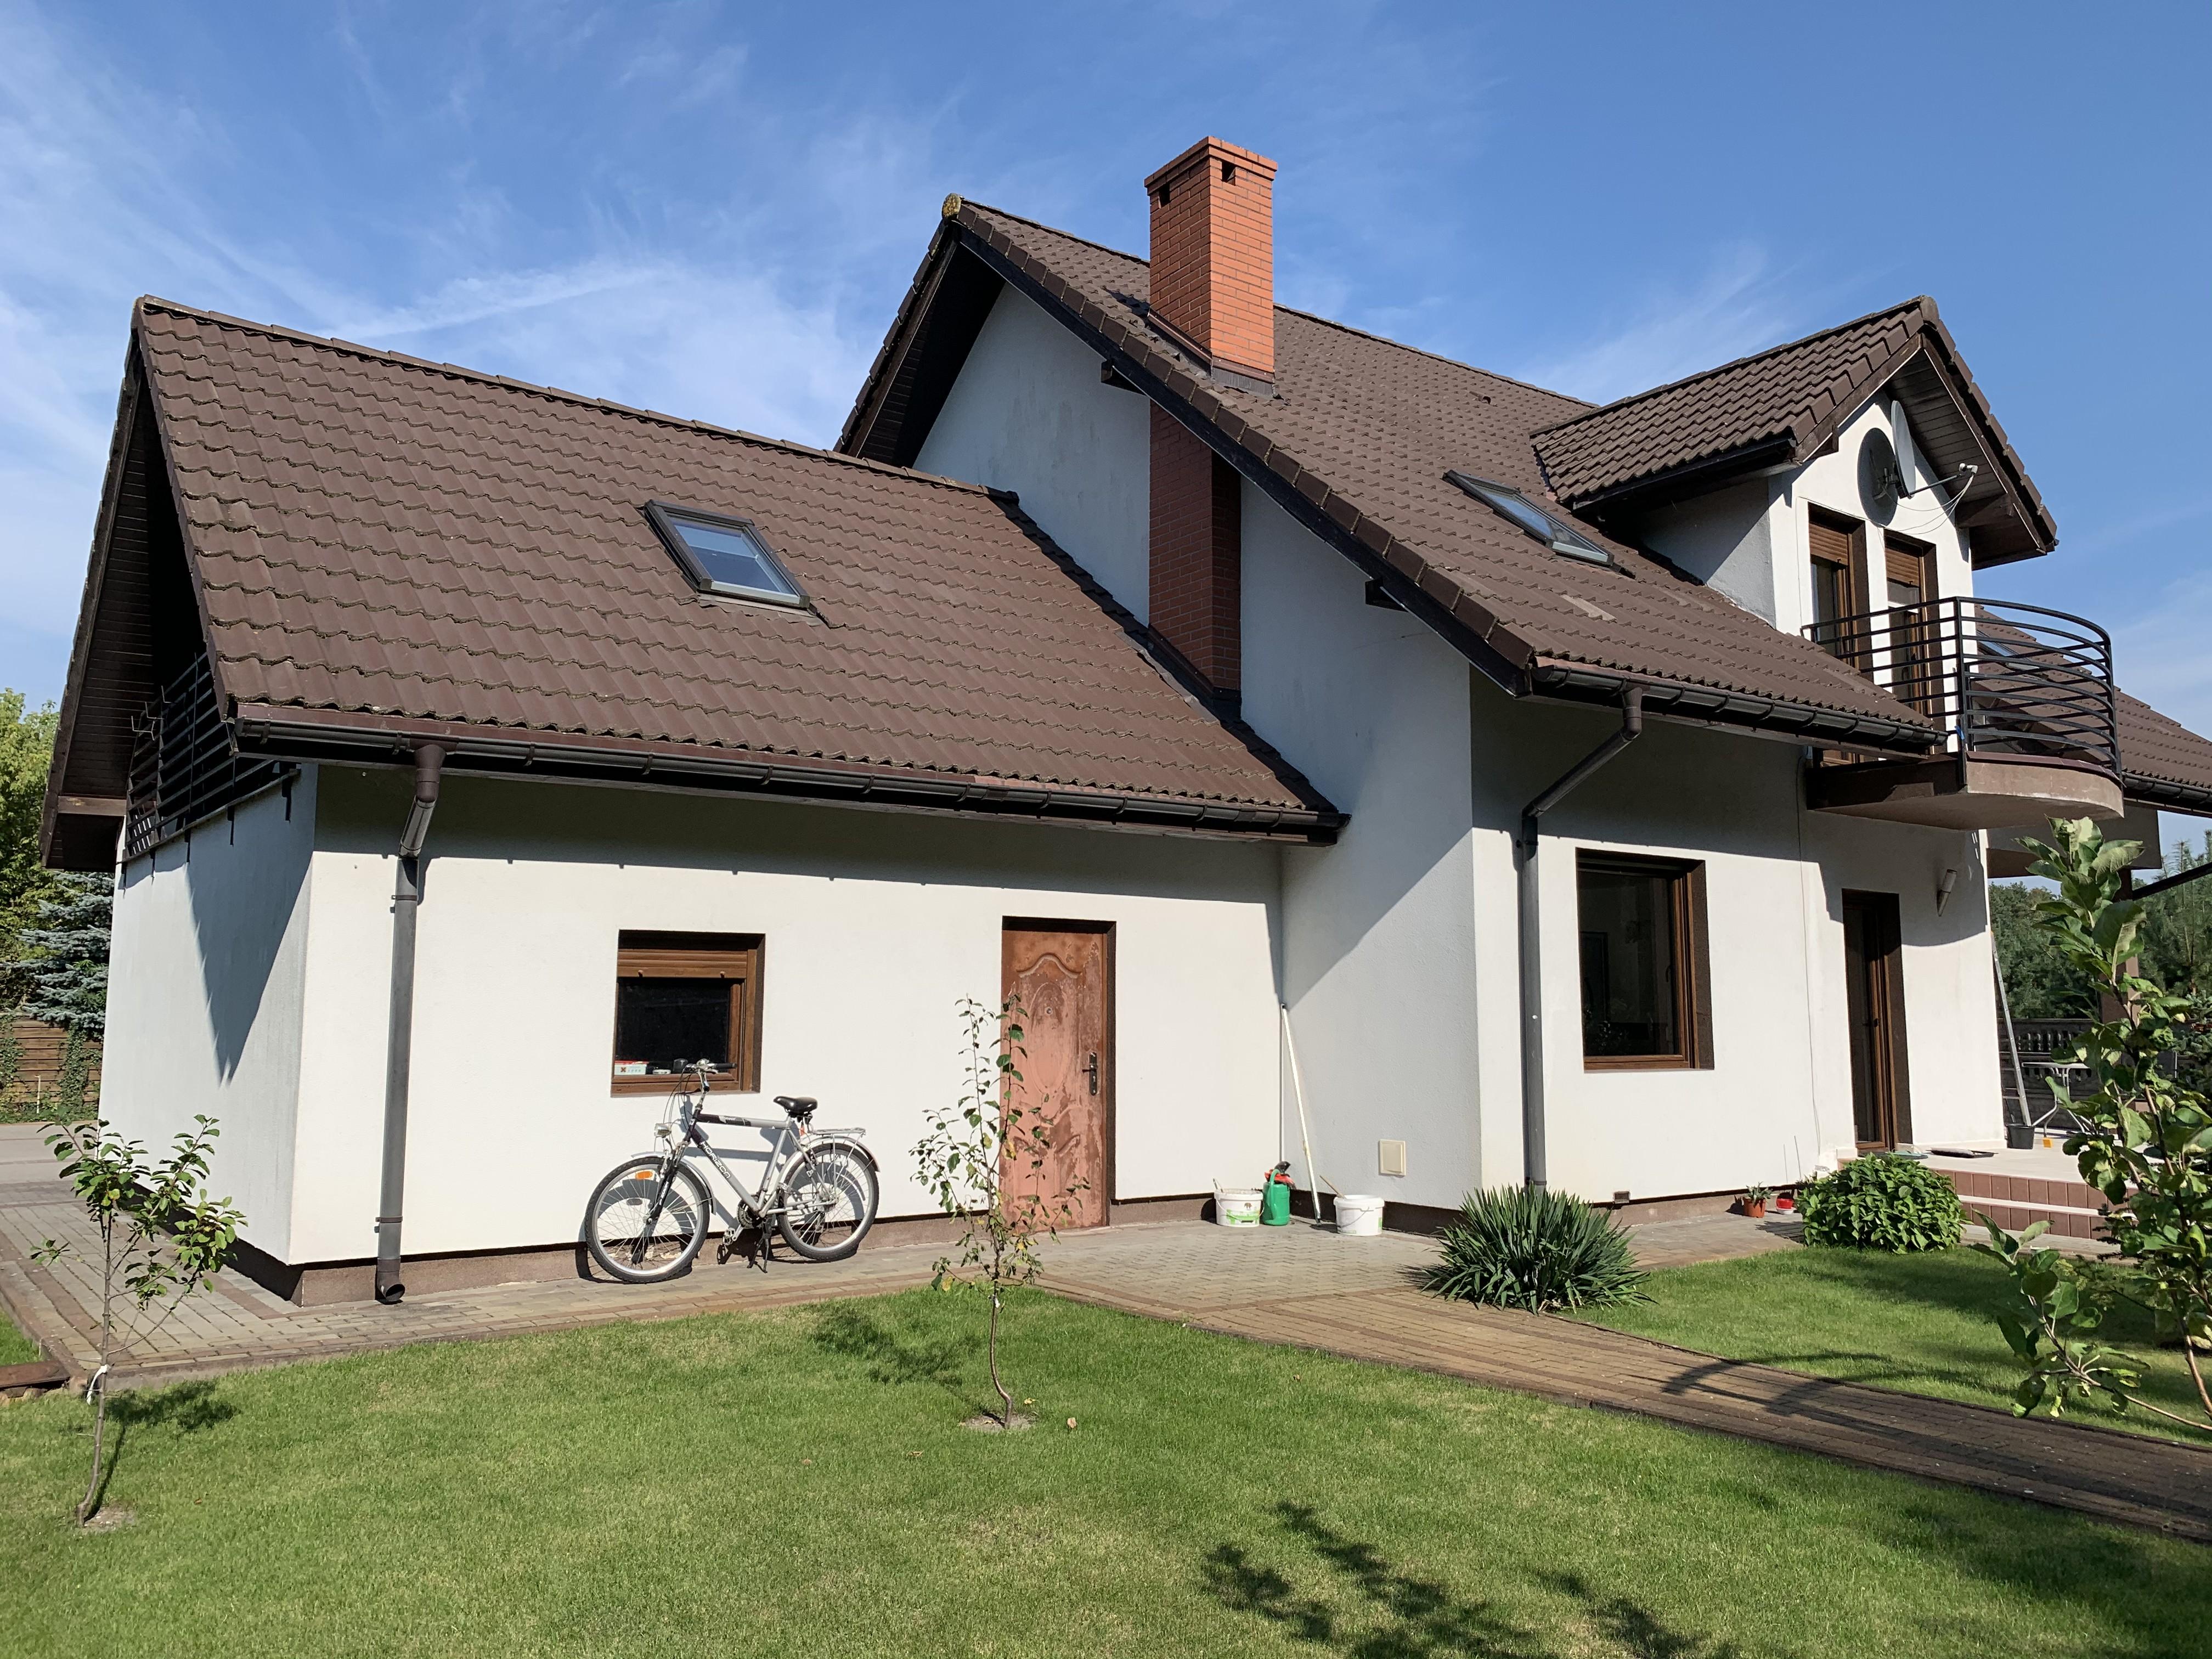 Dom w Zielonce o wysokim standardzie